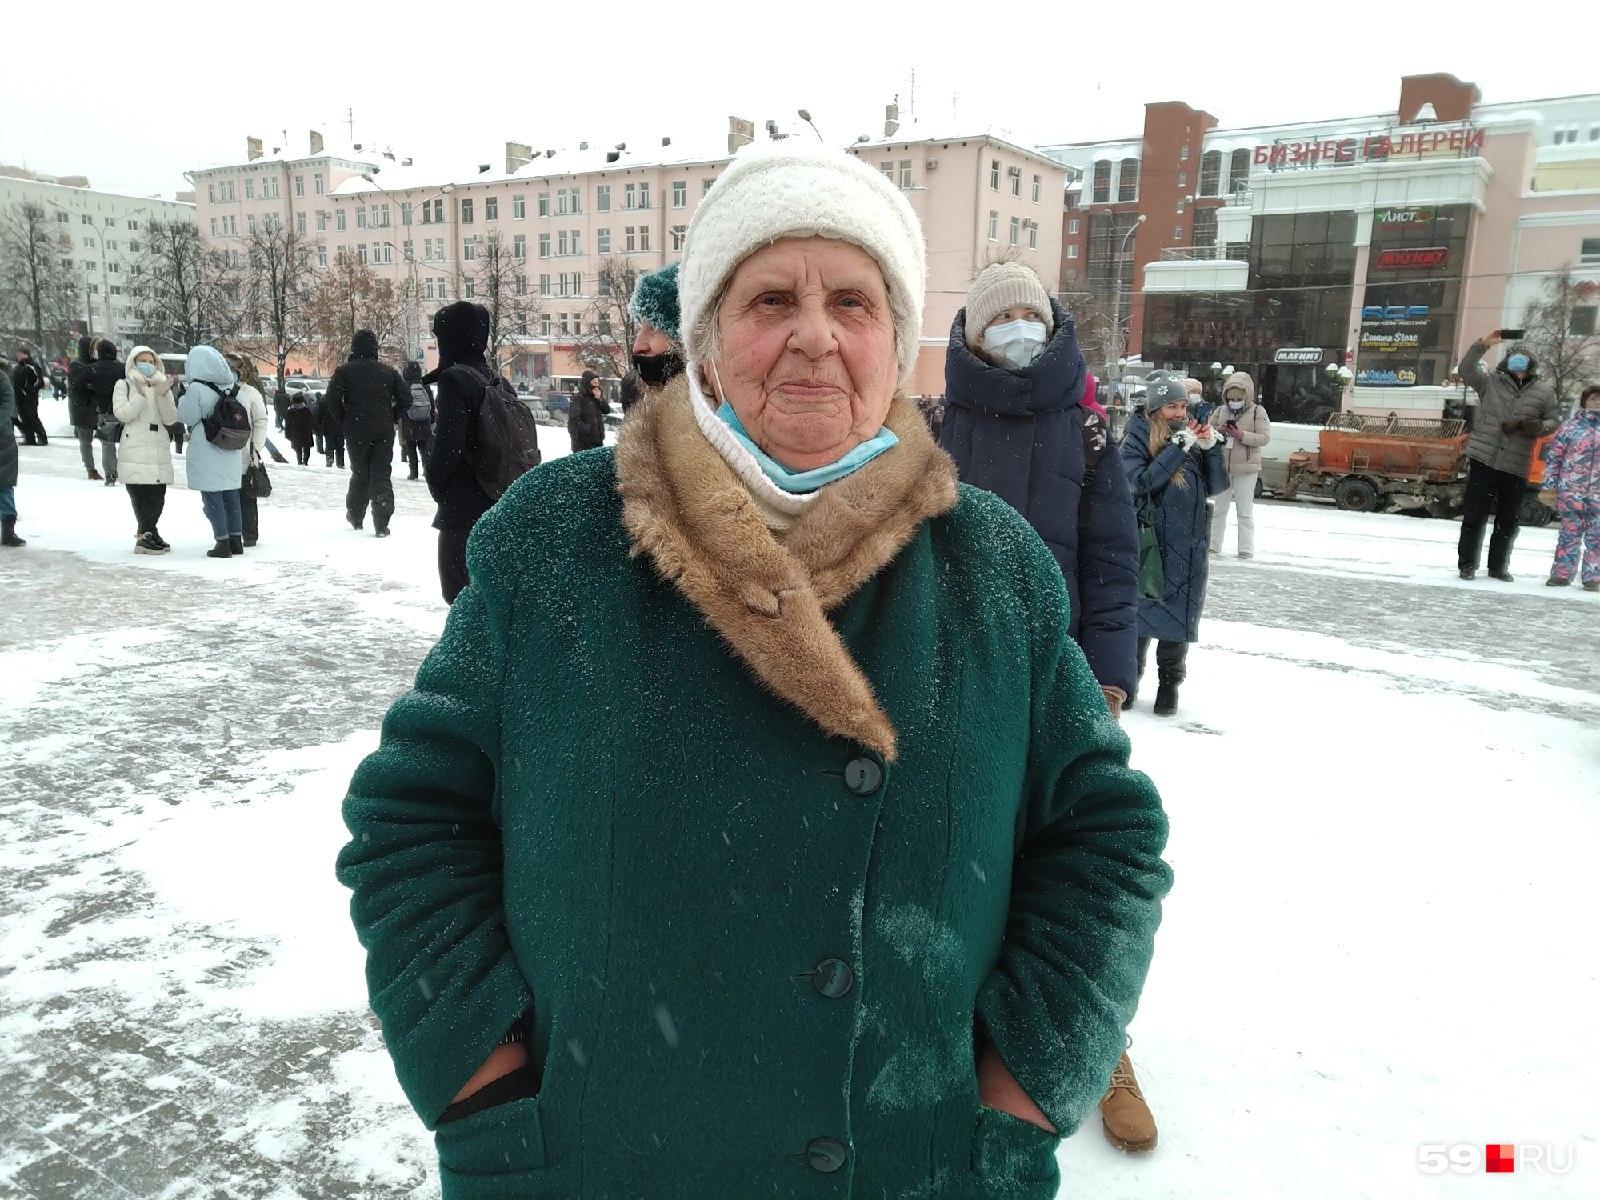 Алла Николаевна пришла на акцию, чтобы поддержать молодежь, которая хочет добиться справедливости